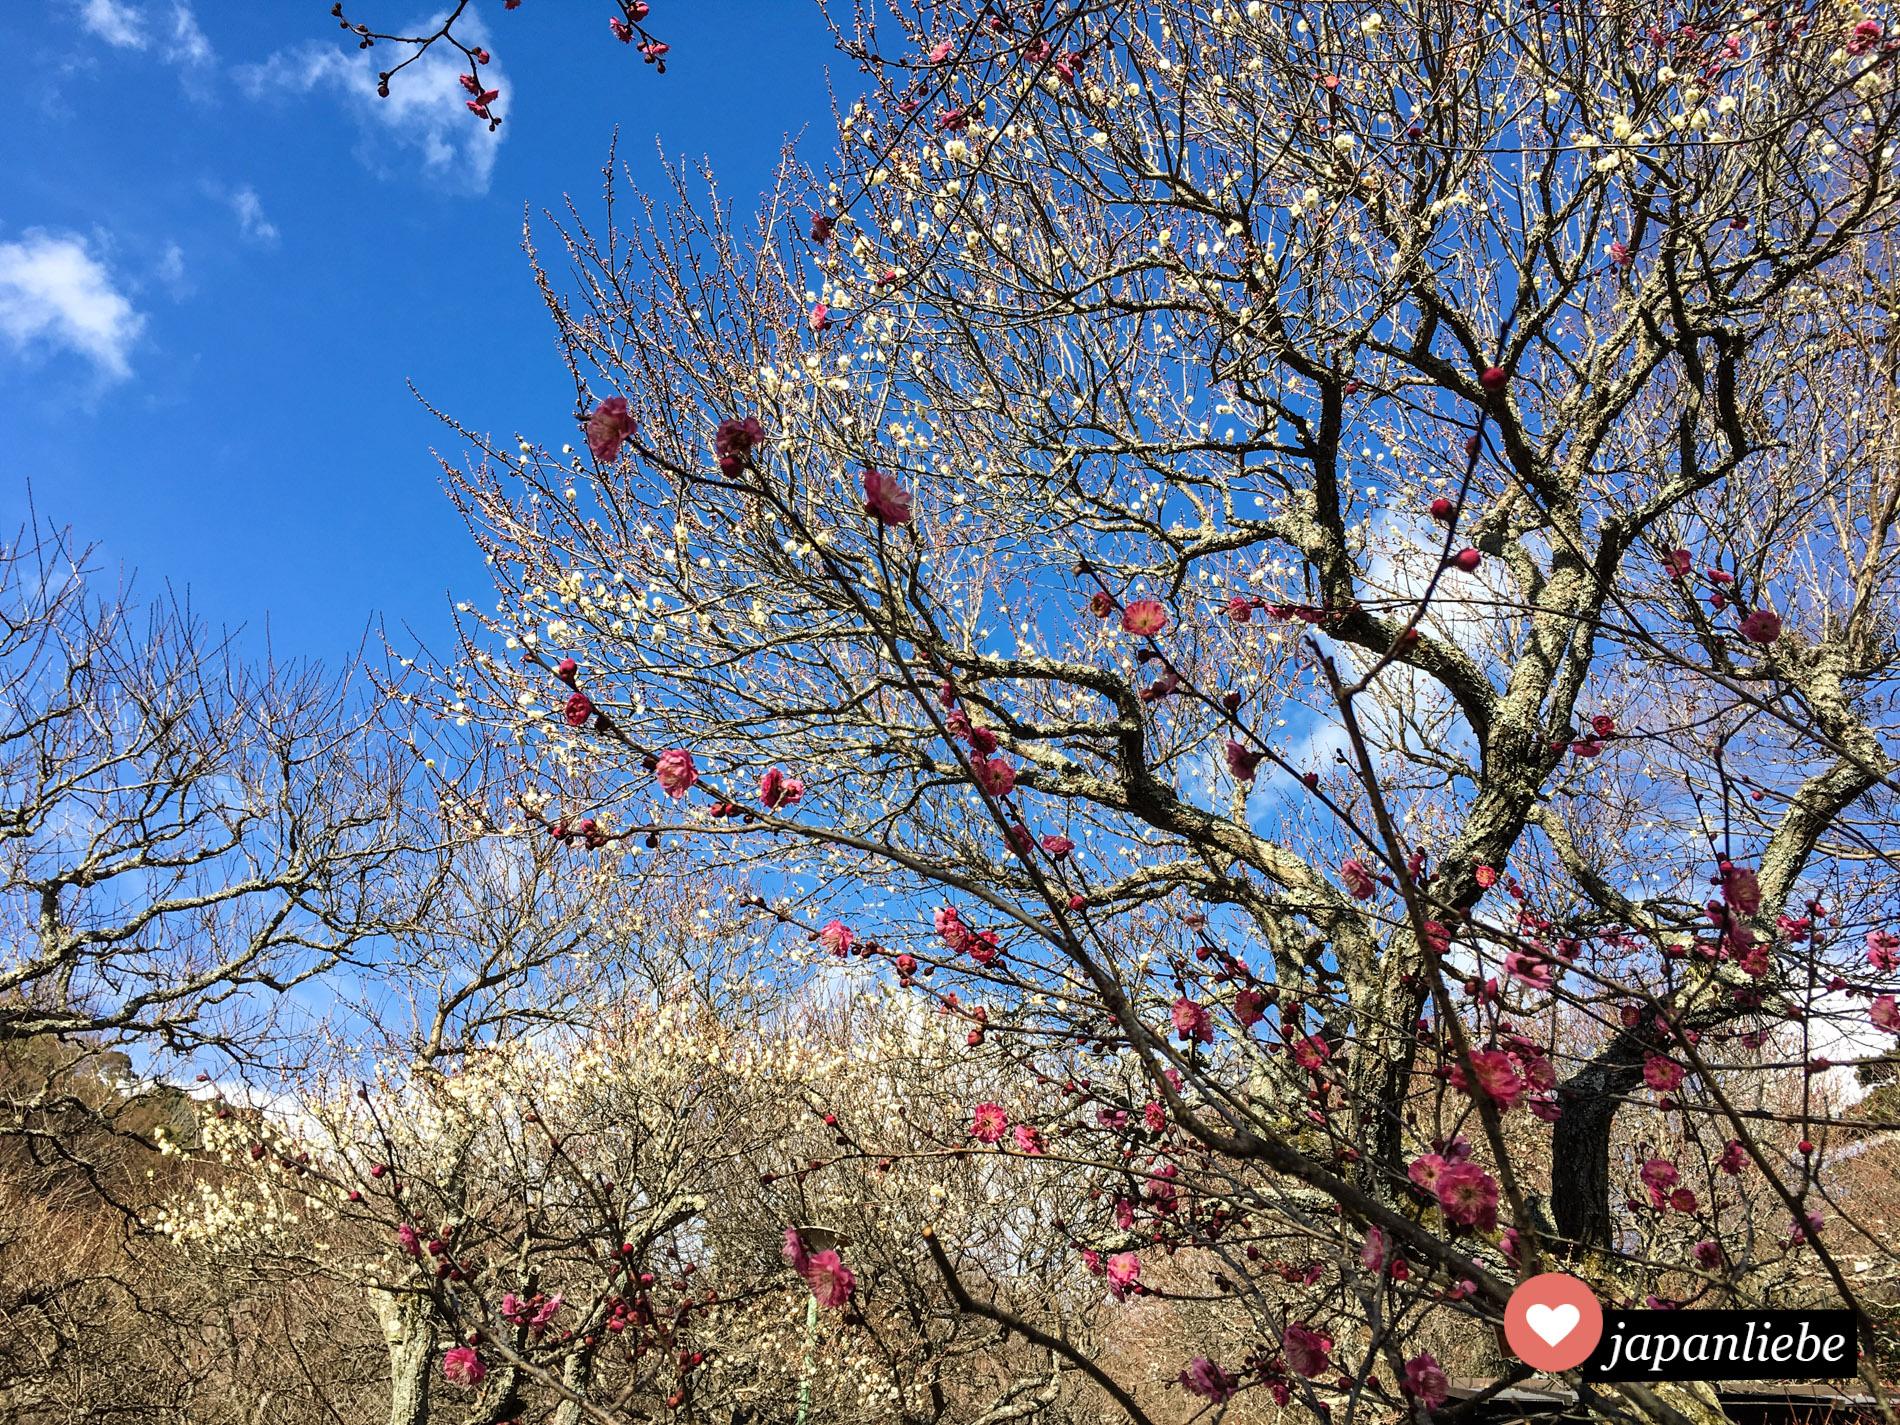 In Atami kann man die Pflaumenblüte besonders früh und schön mit gelben und rosafarbenen Blüten genießen.